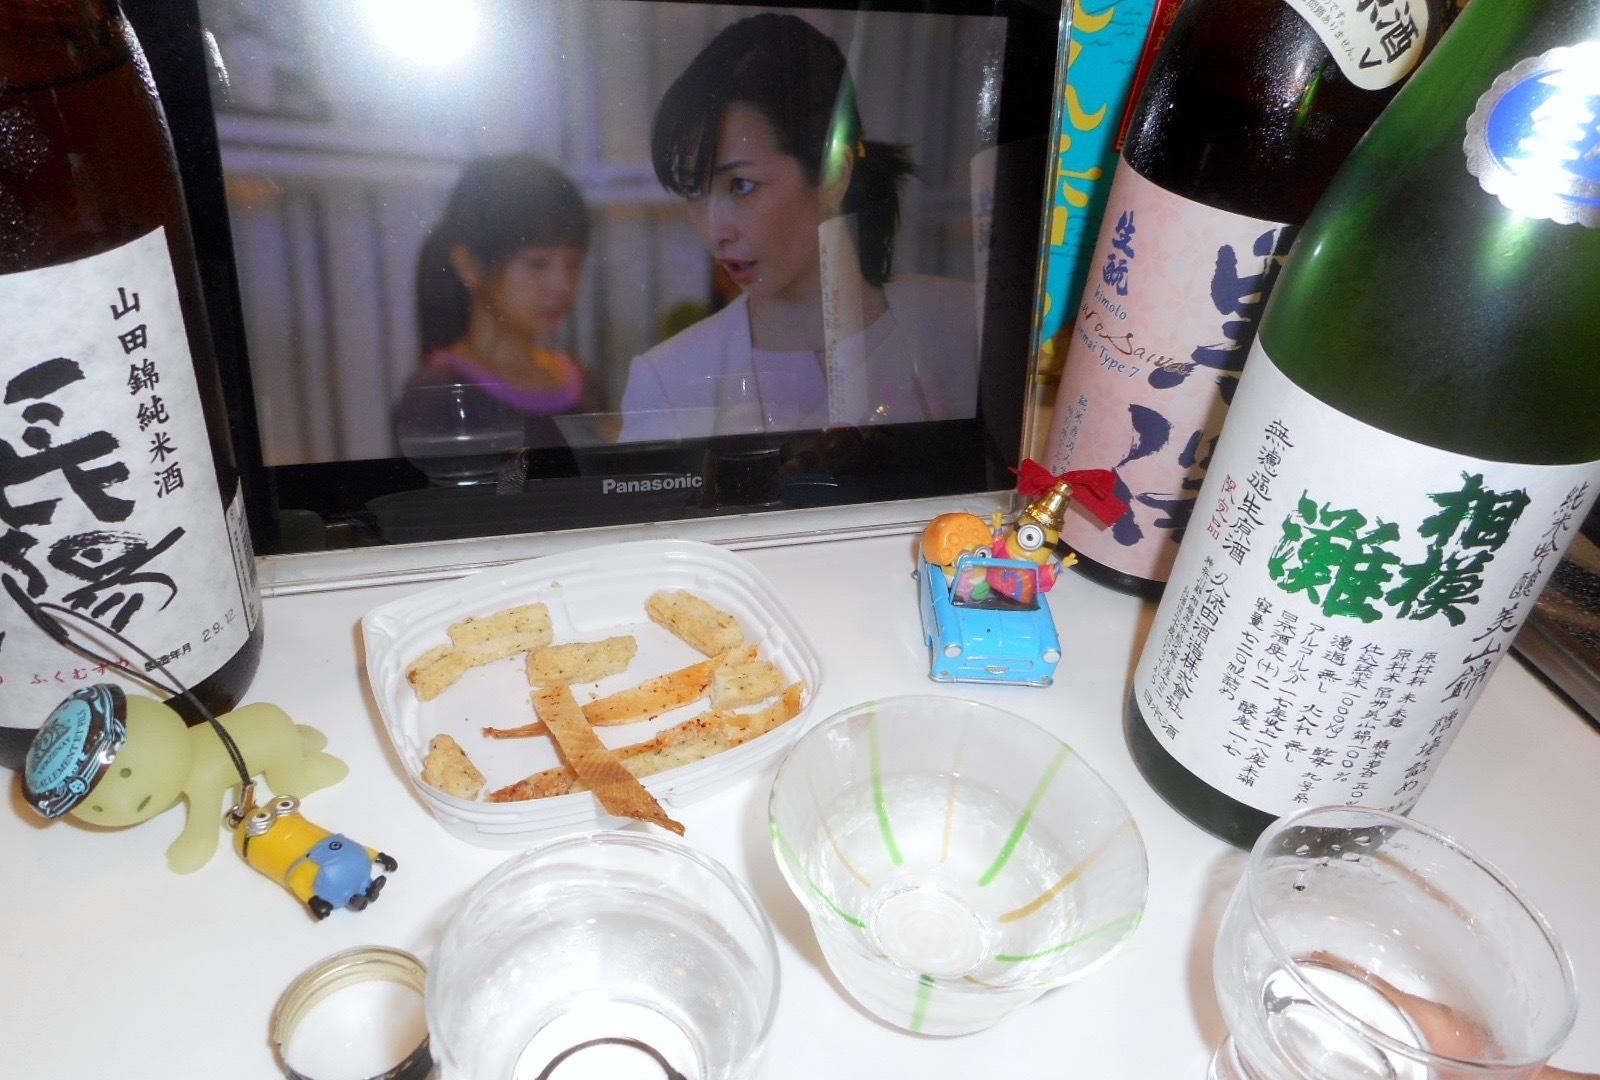 kurosawa_type7_2_29by4.jpg